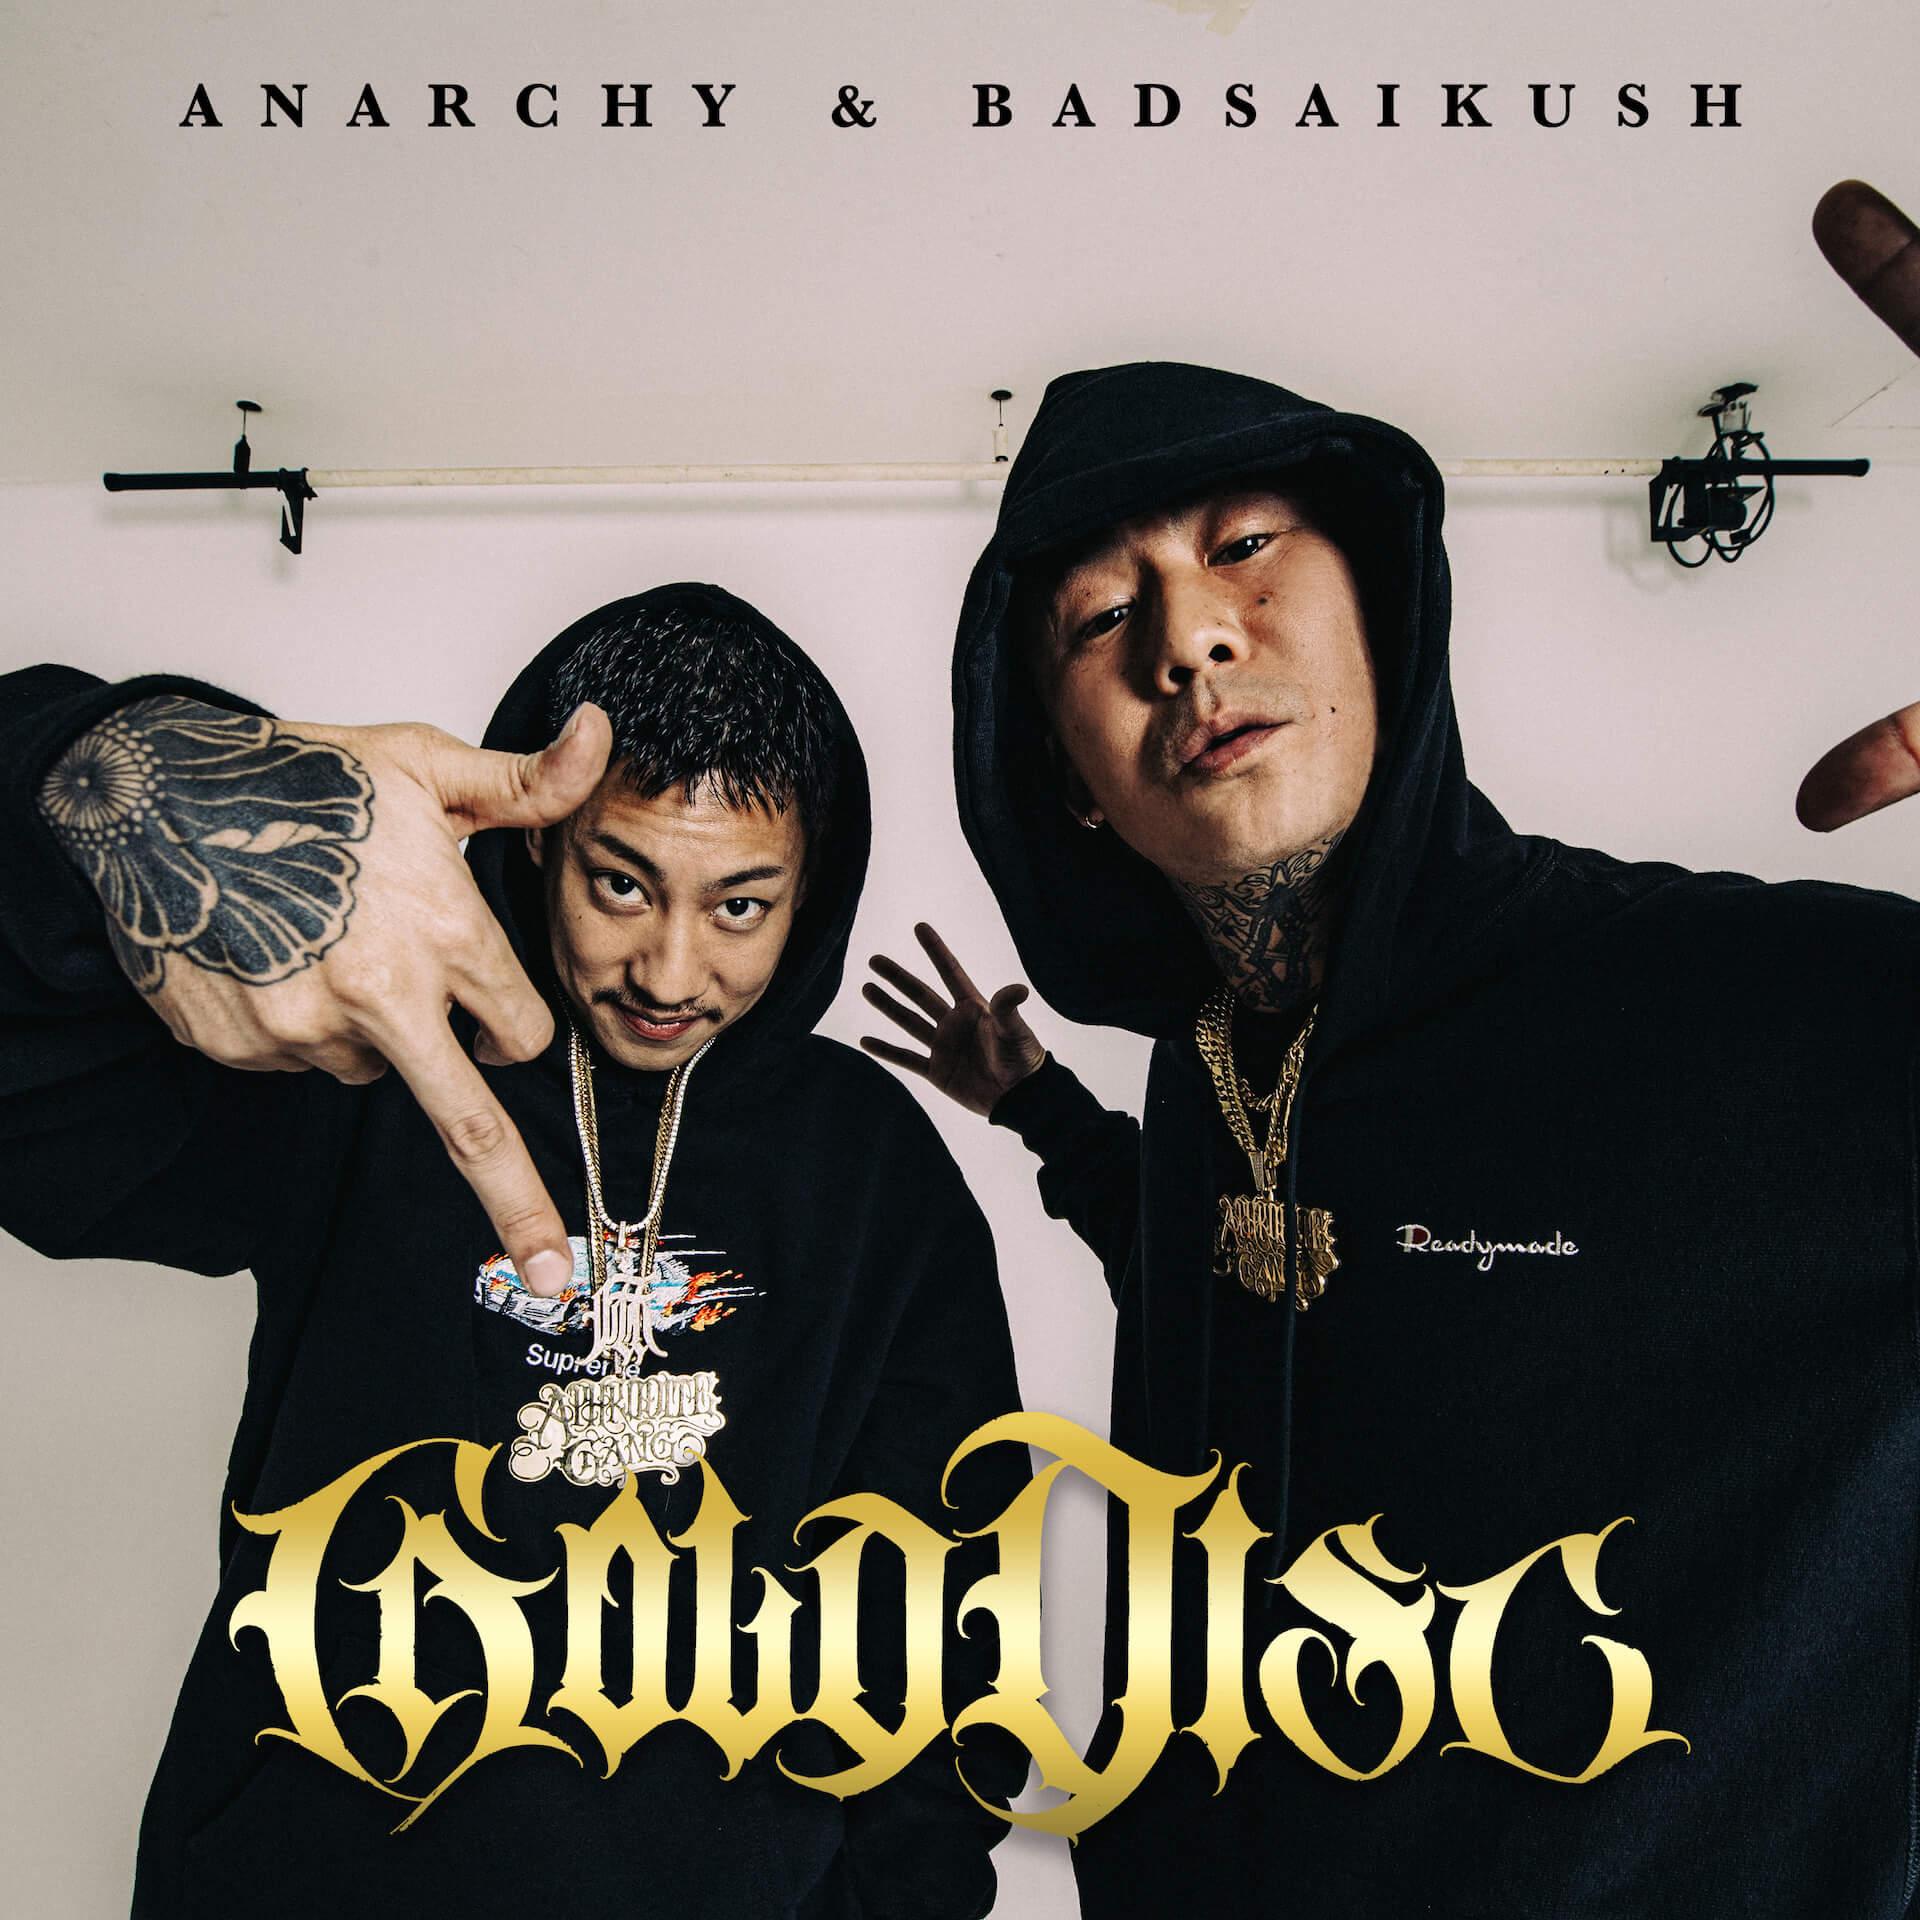 ANARCHYとBADASAIKUSHによるEP『GOLD DISC』が配信スタート 限定マーチも予約受付中 music201109_anarchy_badasaikush_8